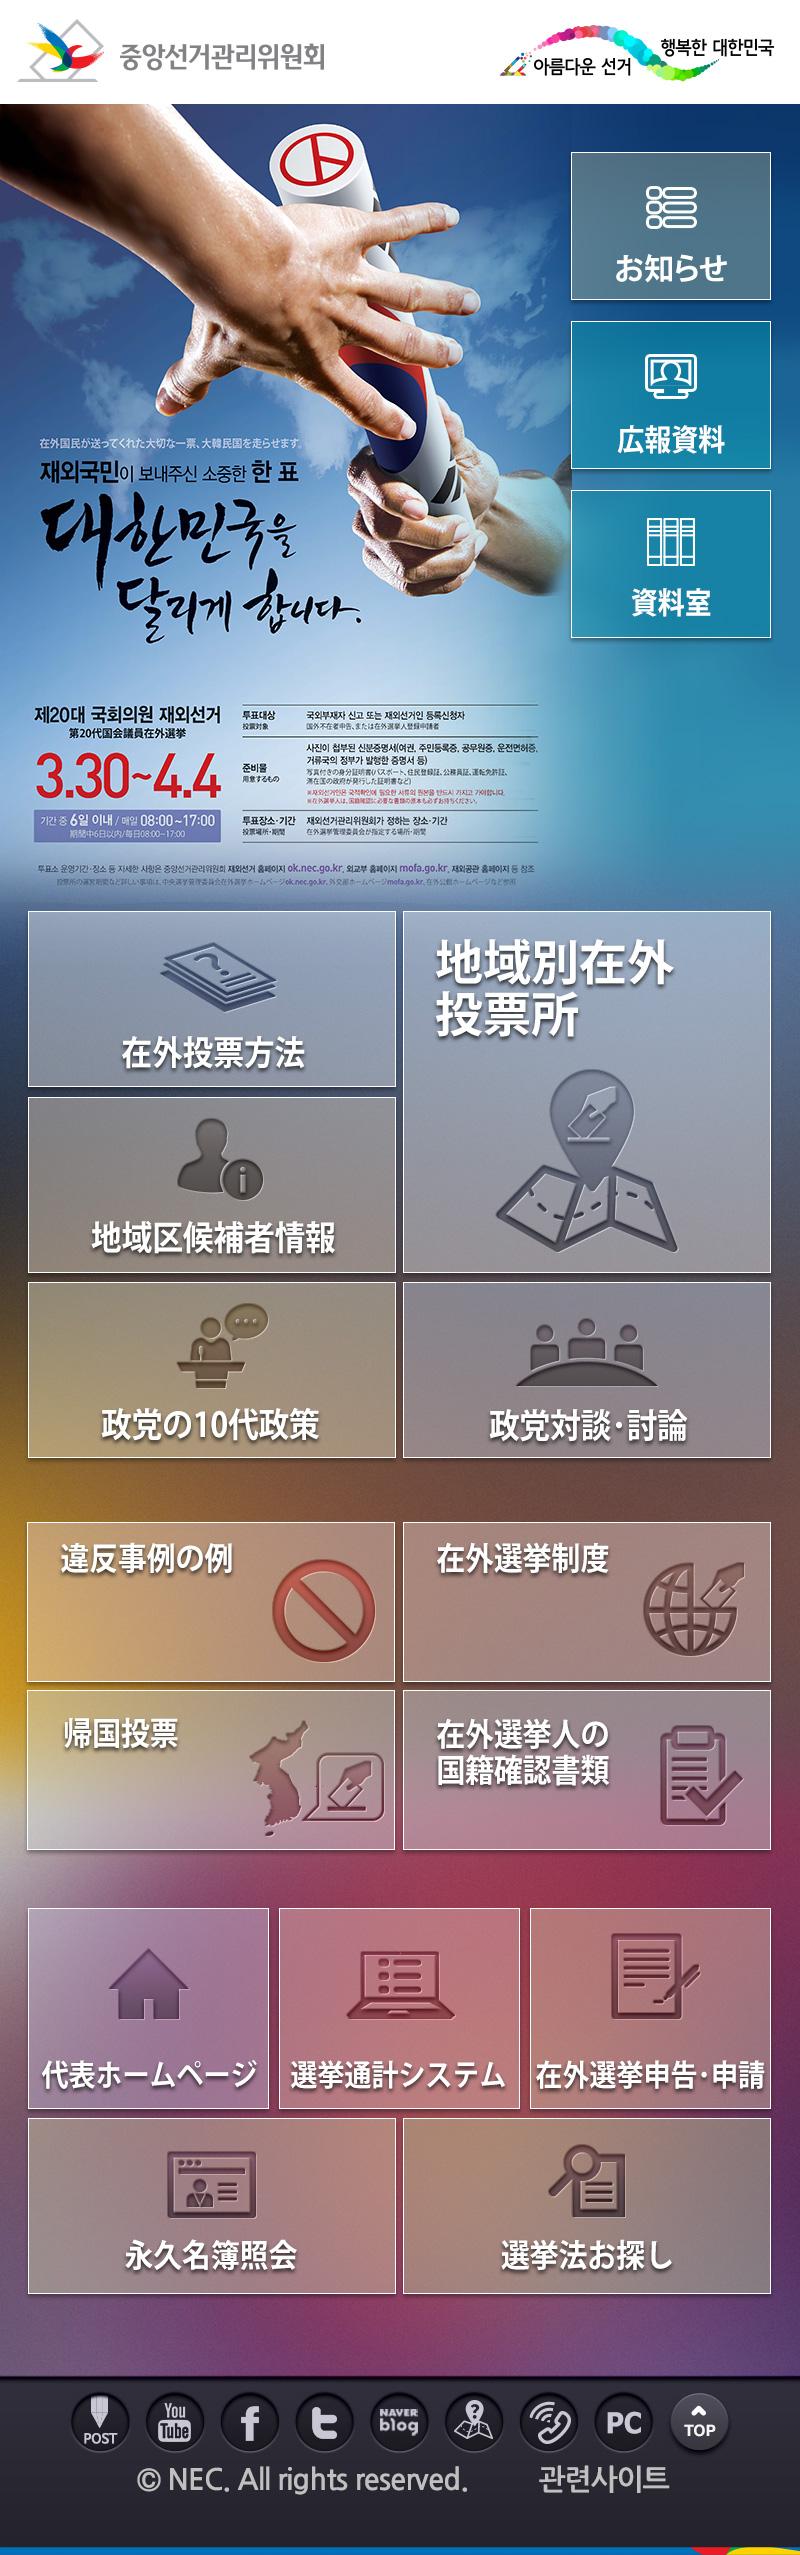 [중앙선거관리위원회]_재외선거모바일_JP_v.1.0